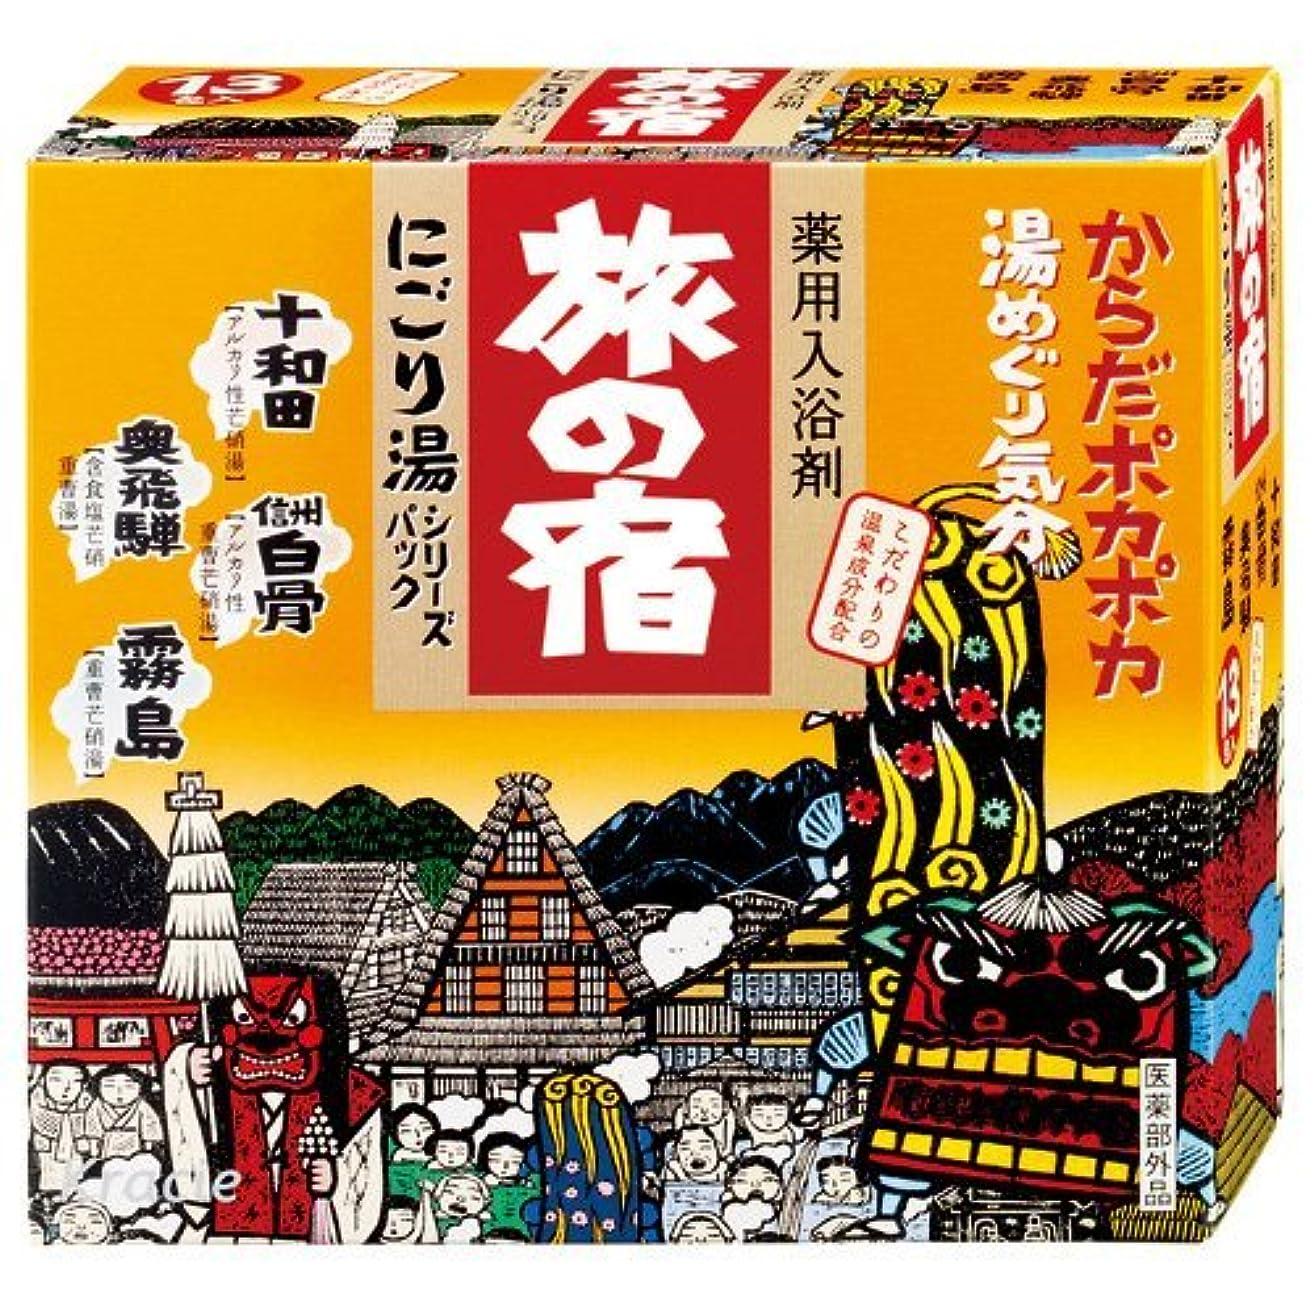 略すスコアリズム【クラシエ】旅の宿 にごり湯シリーズパック 13H ×20個セット